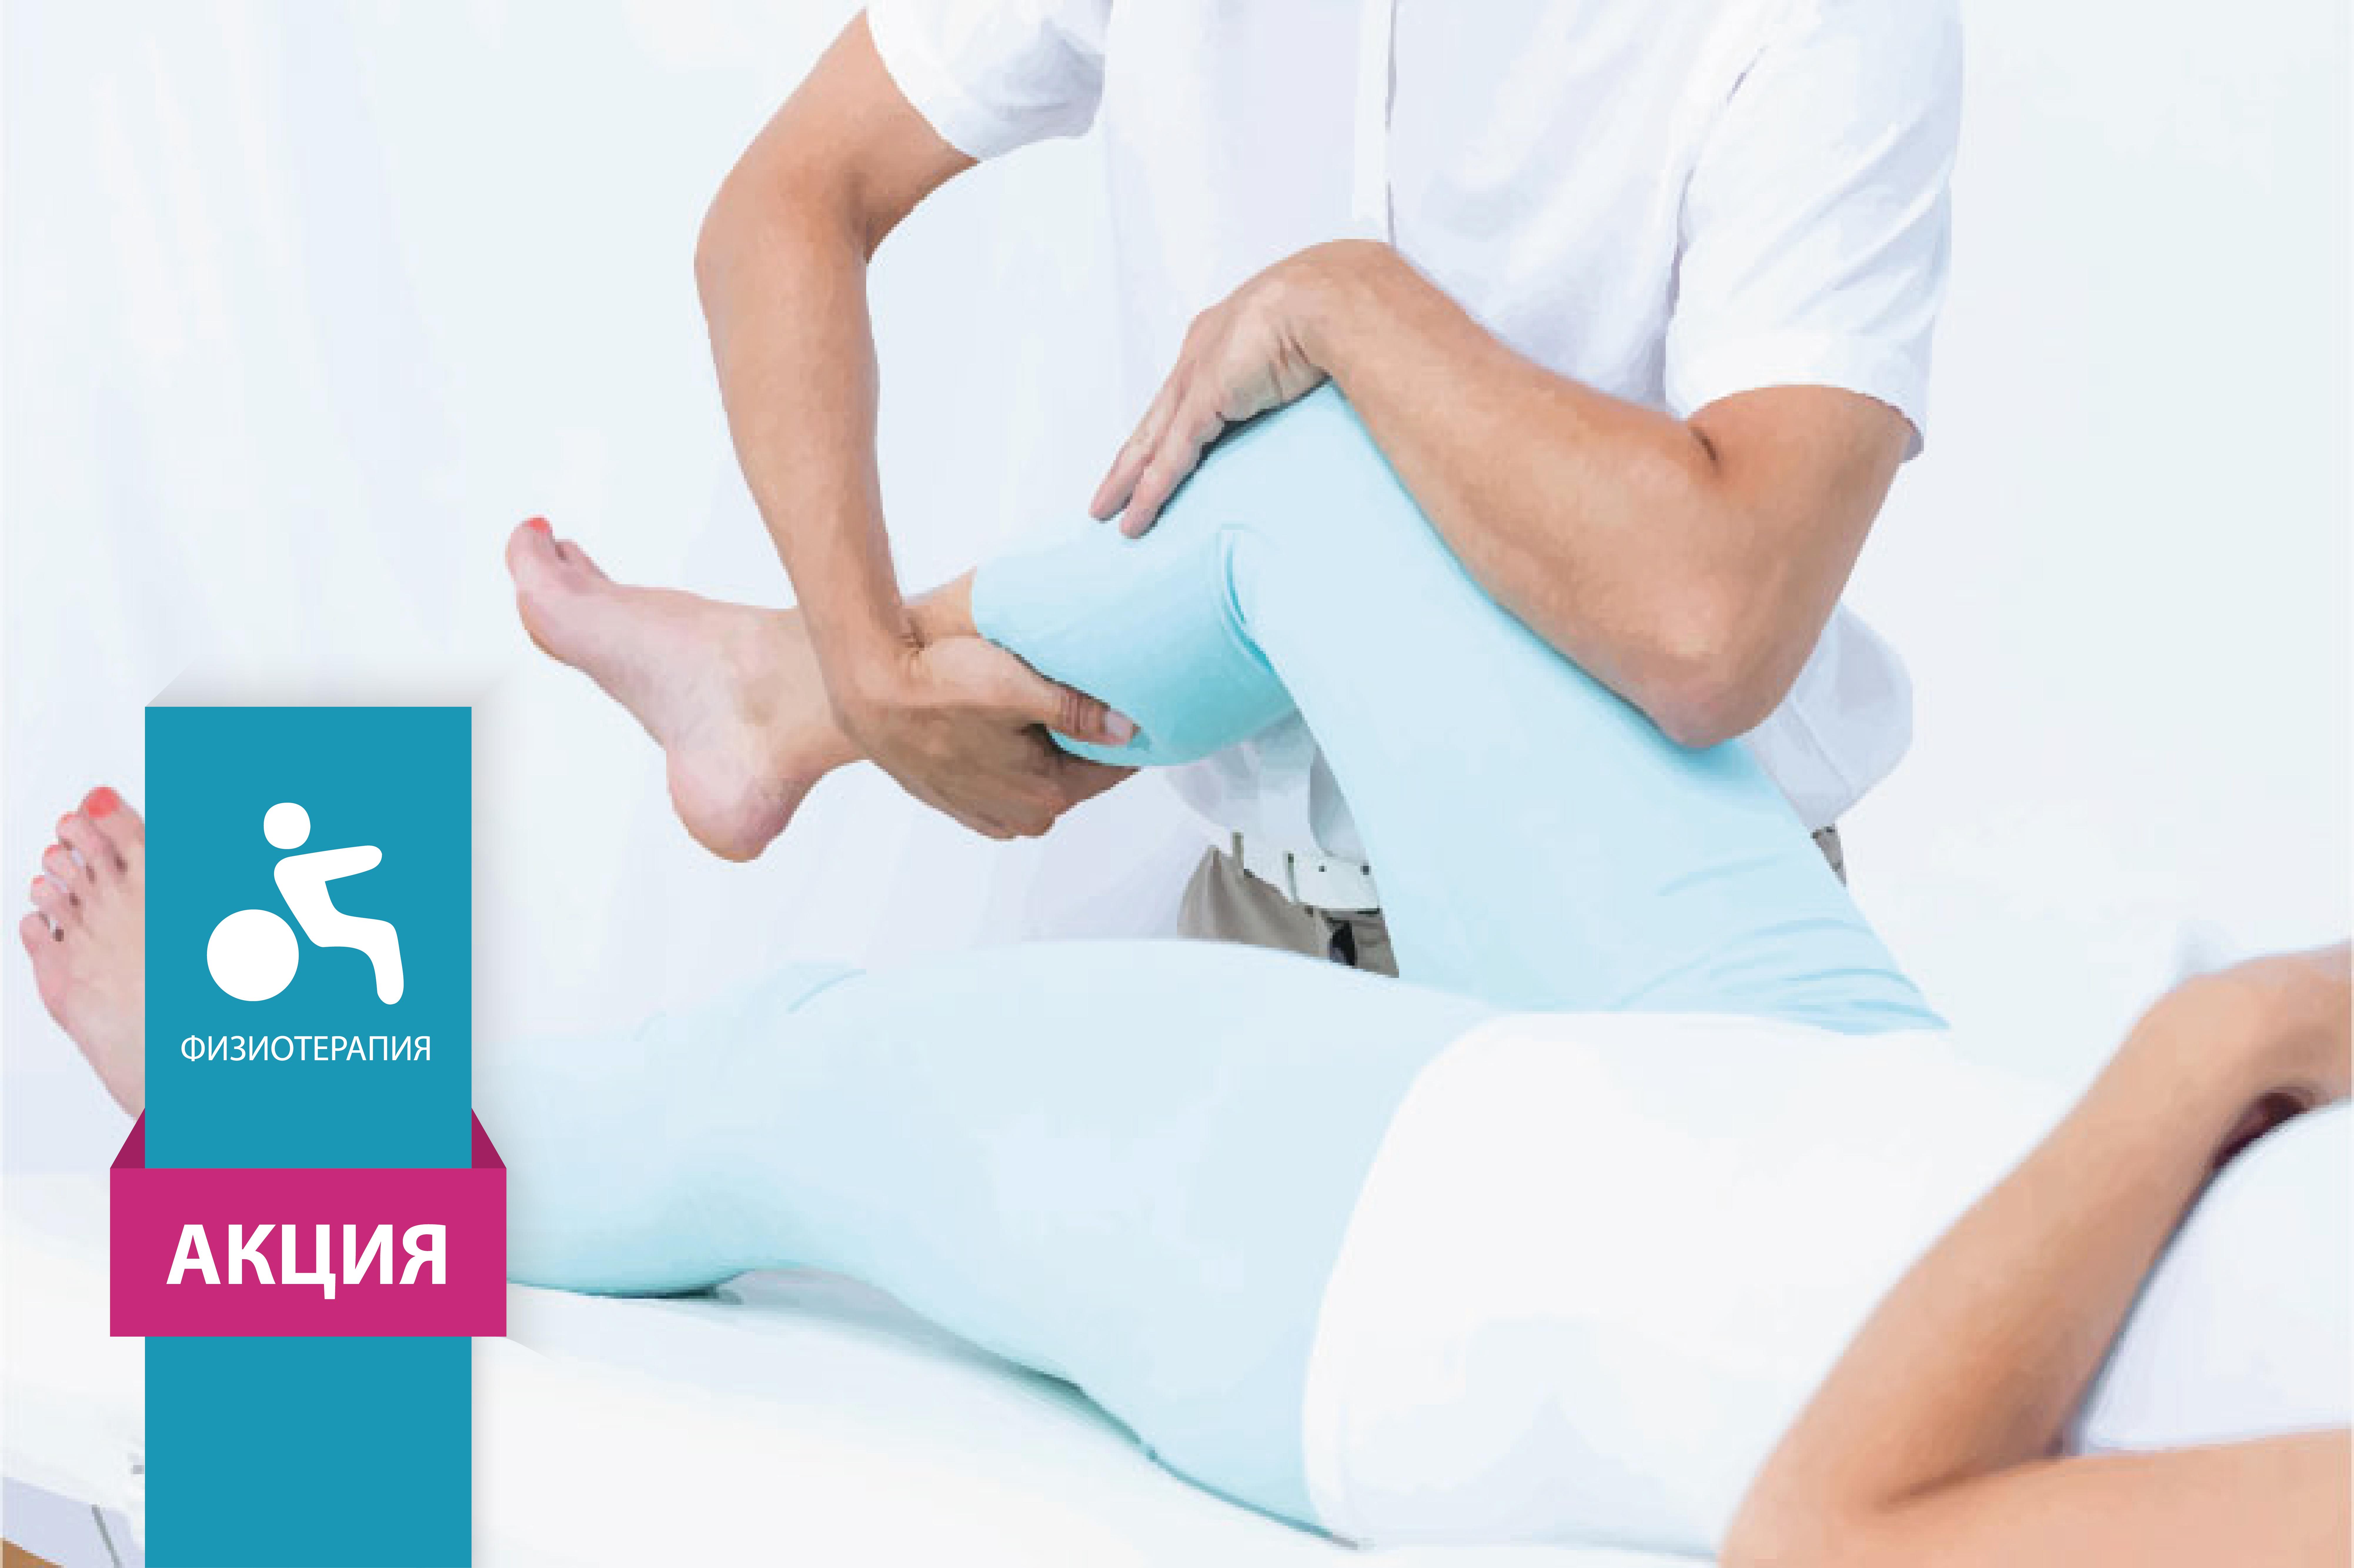 Физиотерапия: процедуры, польза и вред